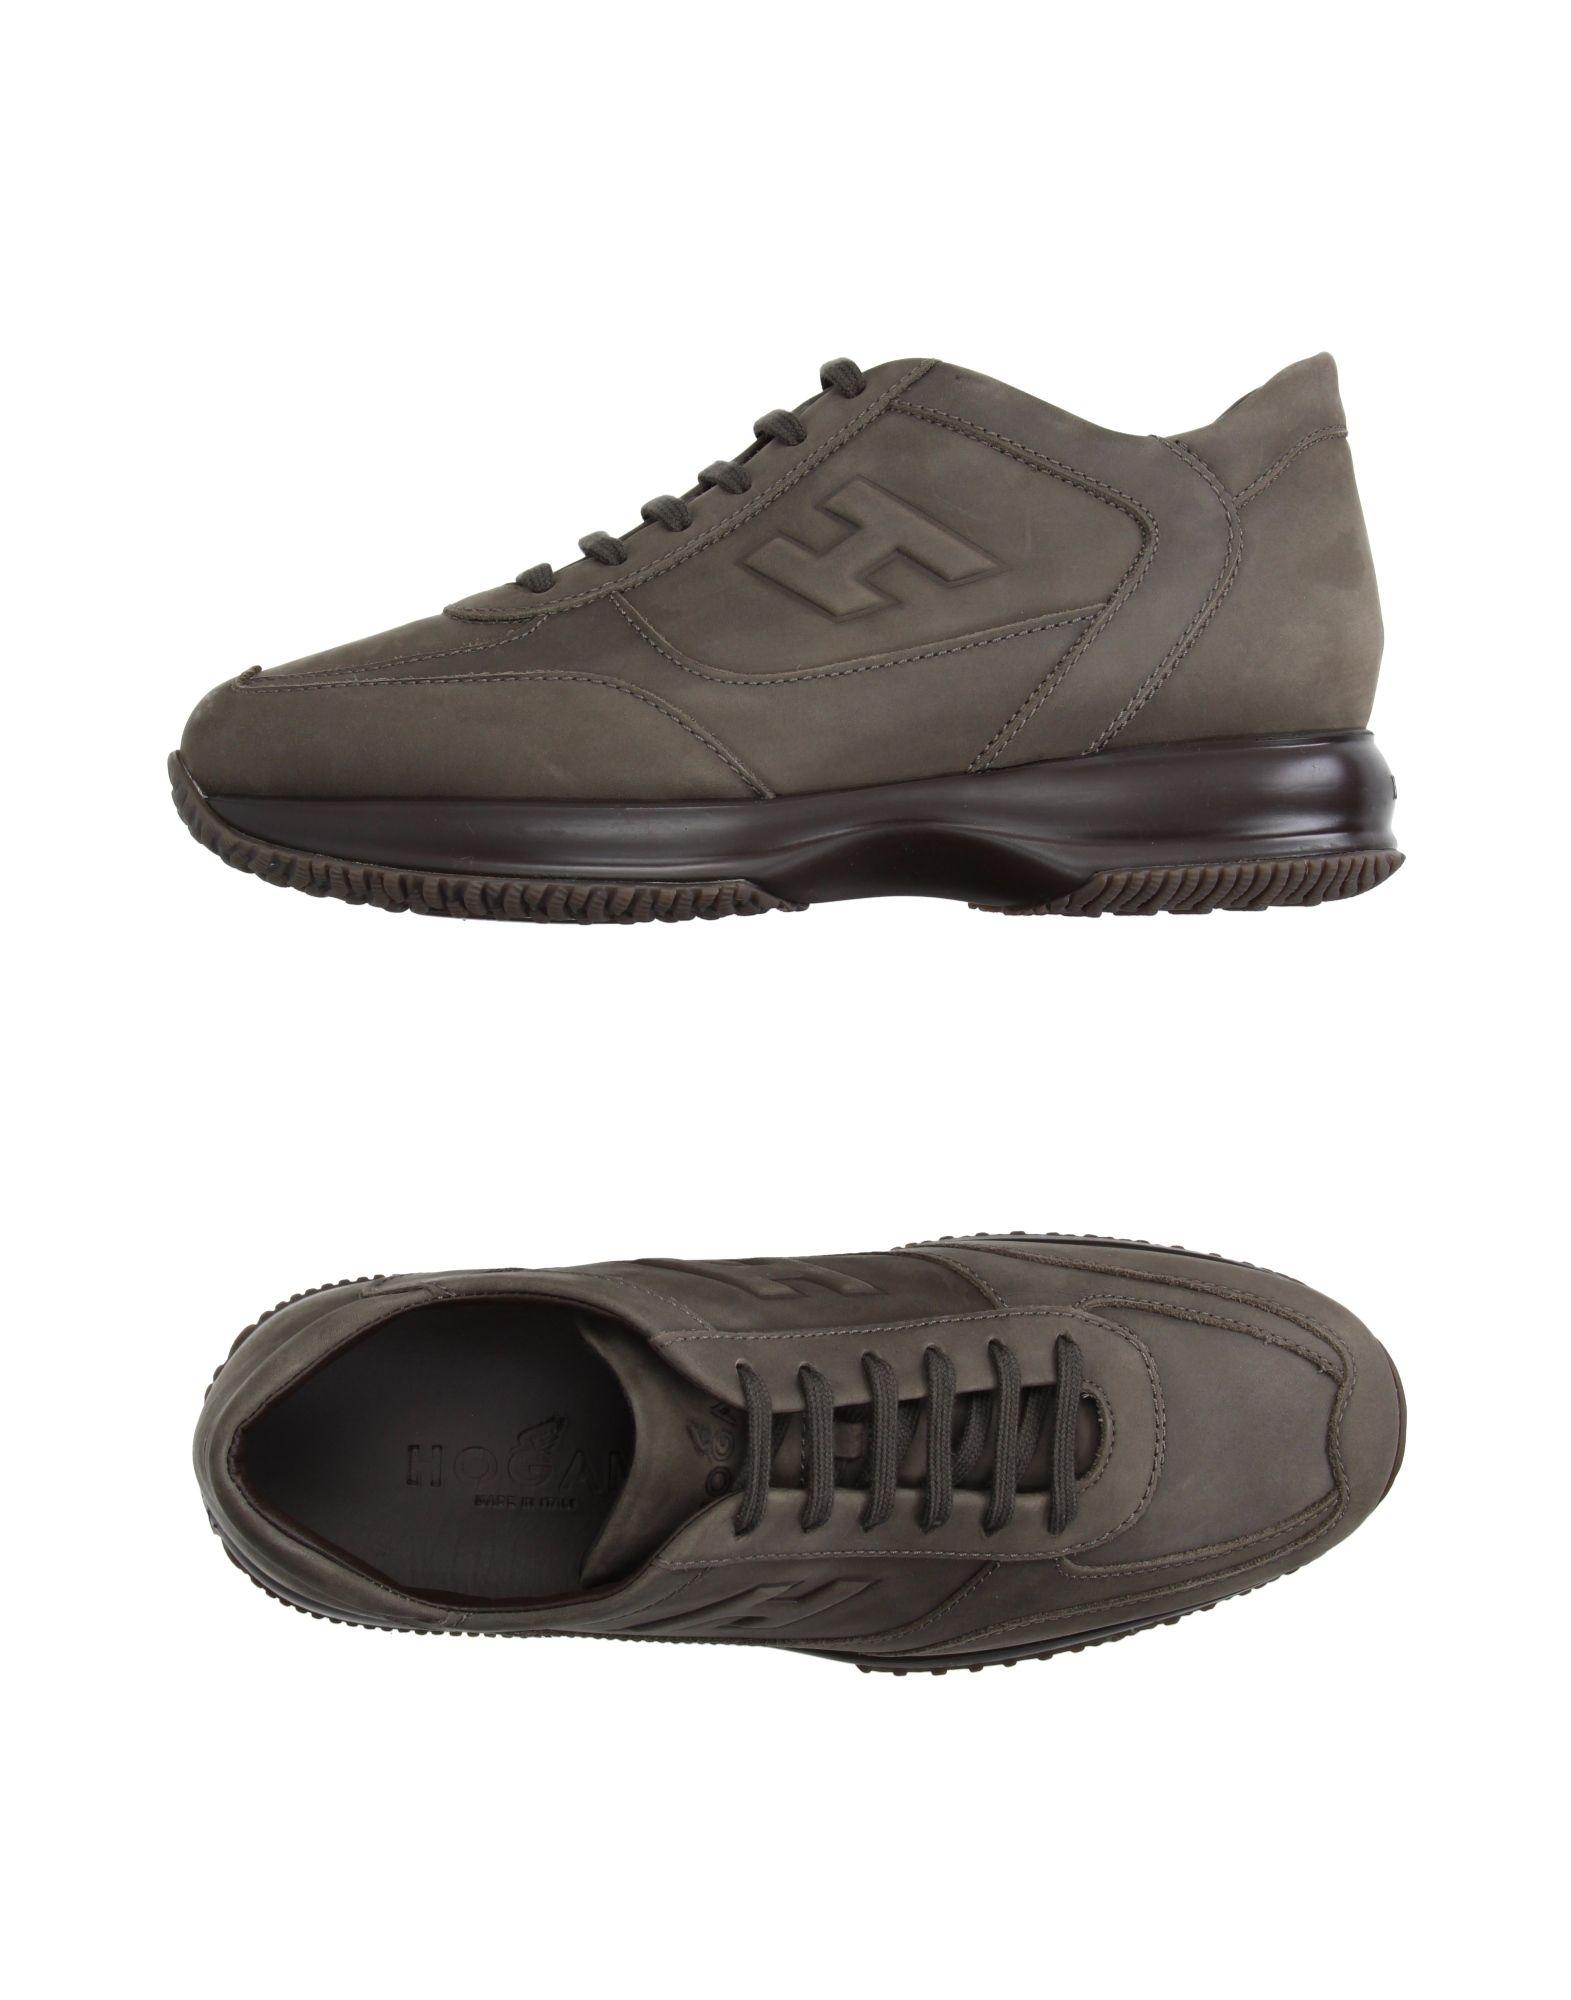 Hogan Sneakers Herren  beliebte 11087856MV Gute Qualität beliebte  Schuhe 5e9ced